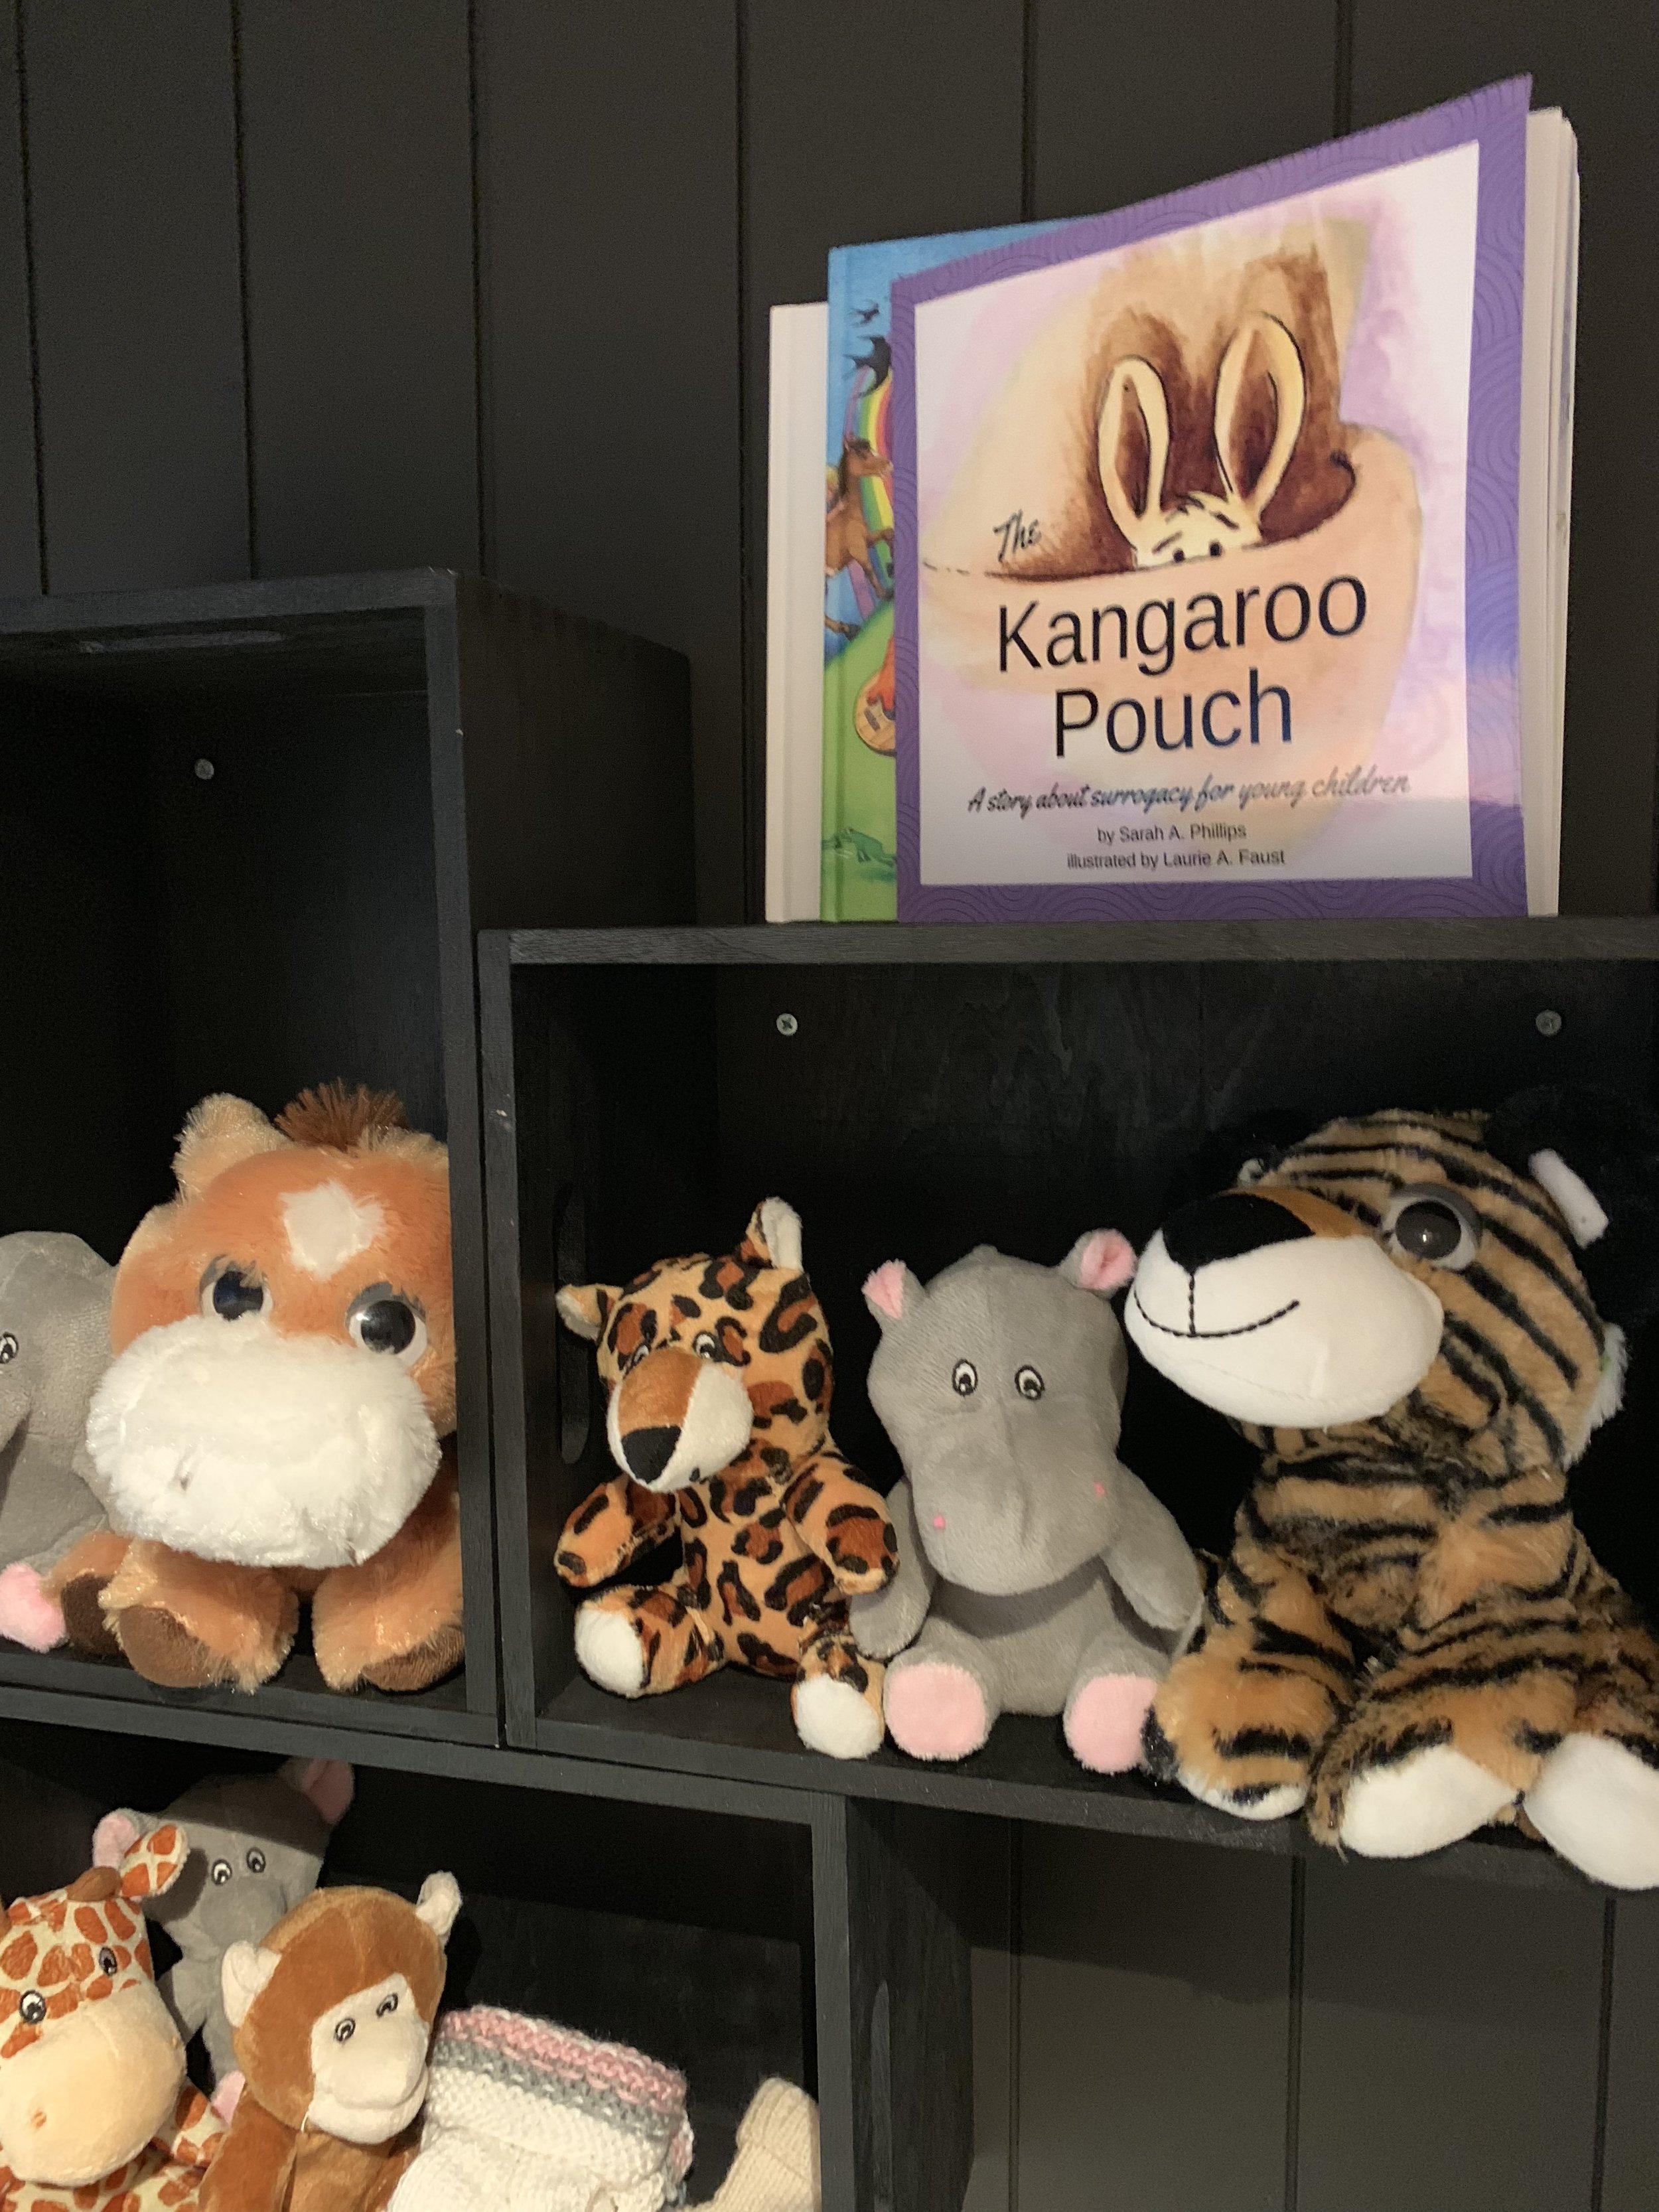 Kangaroo pouch, er en bok for barn, om surrogati.